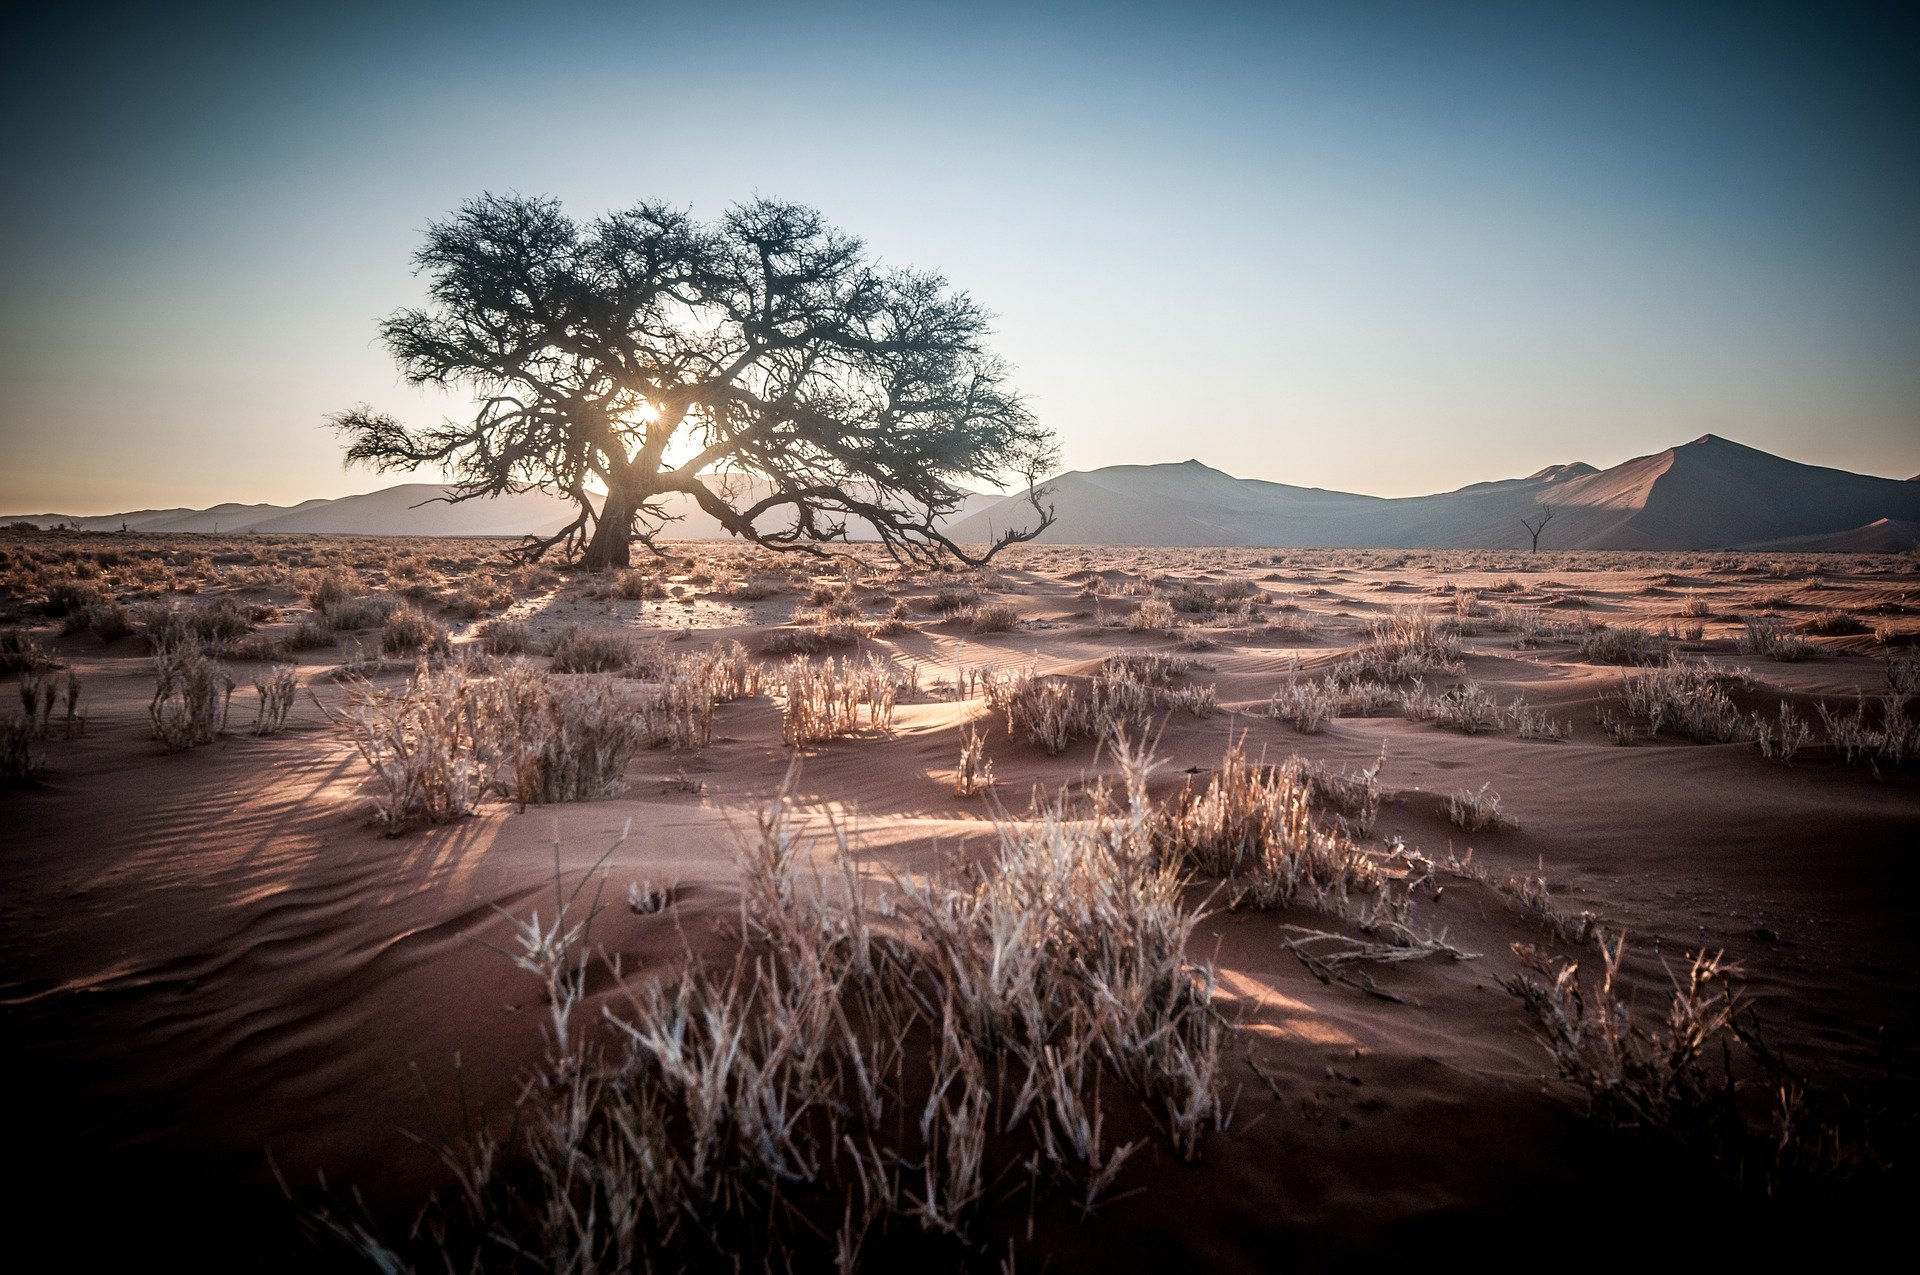 NamibRand, une splendide réserve naturelle à explorer en Namibie